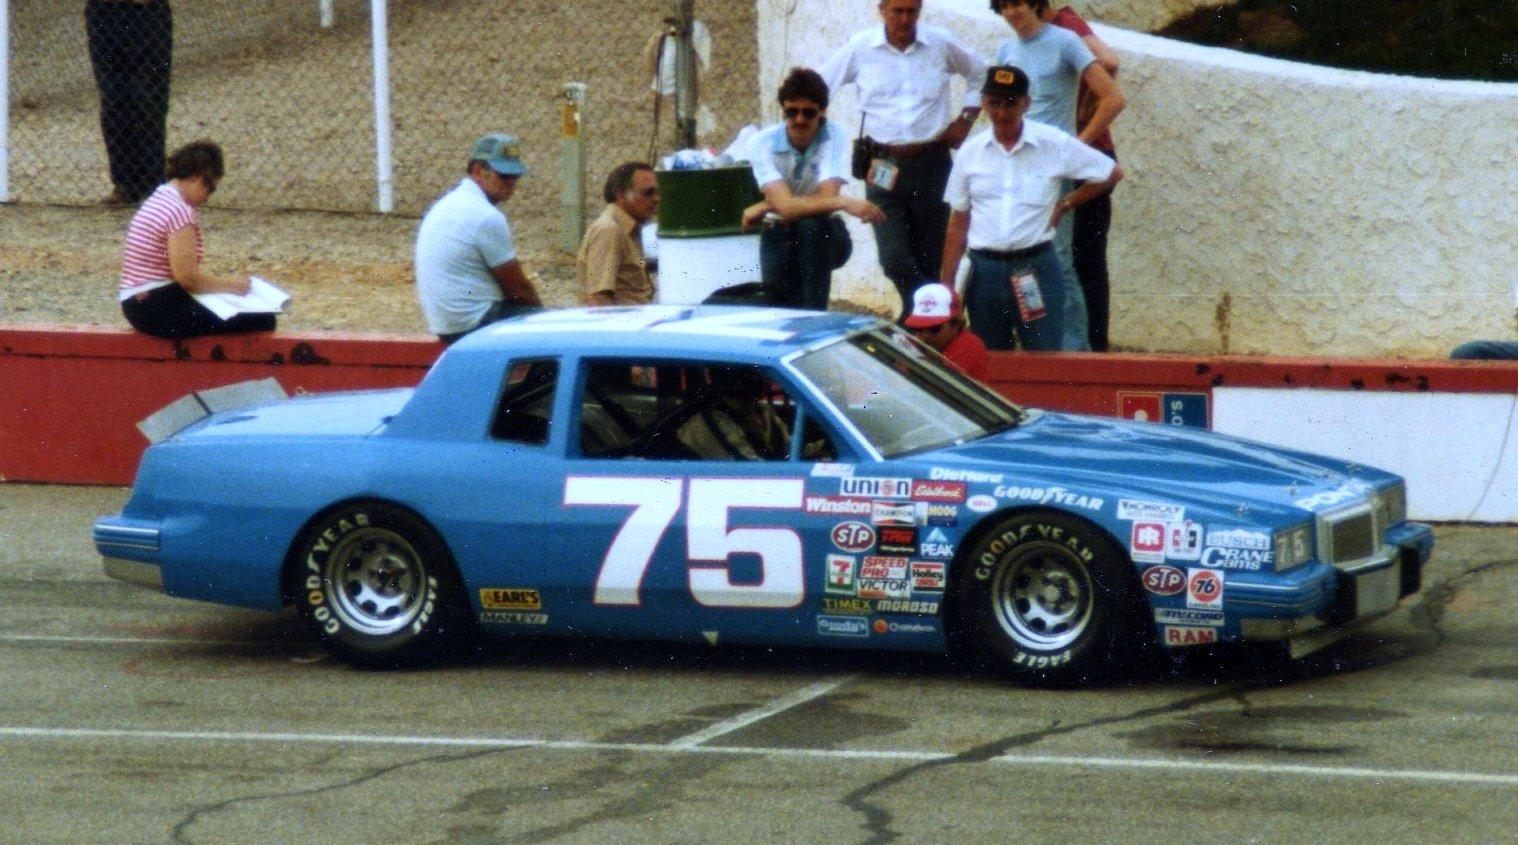 75-2 car.jpg